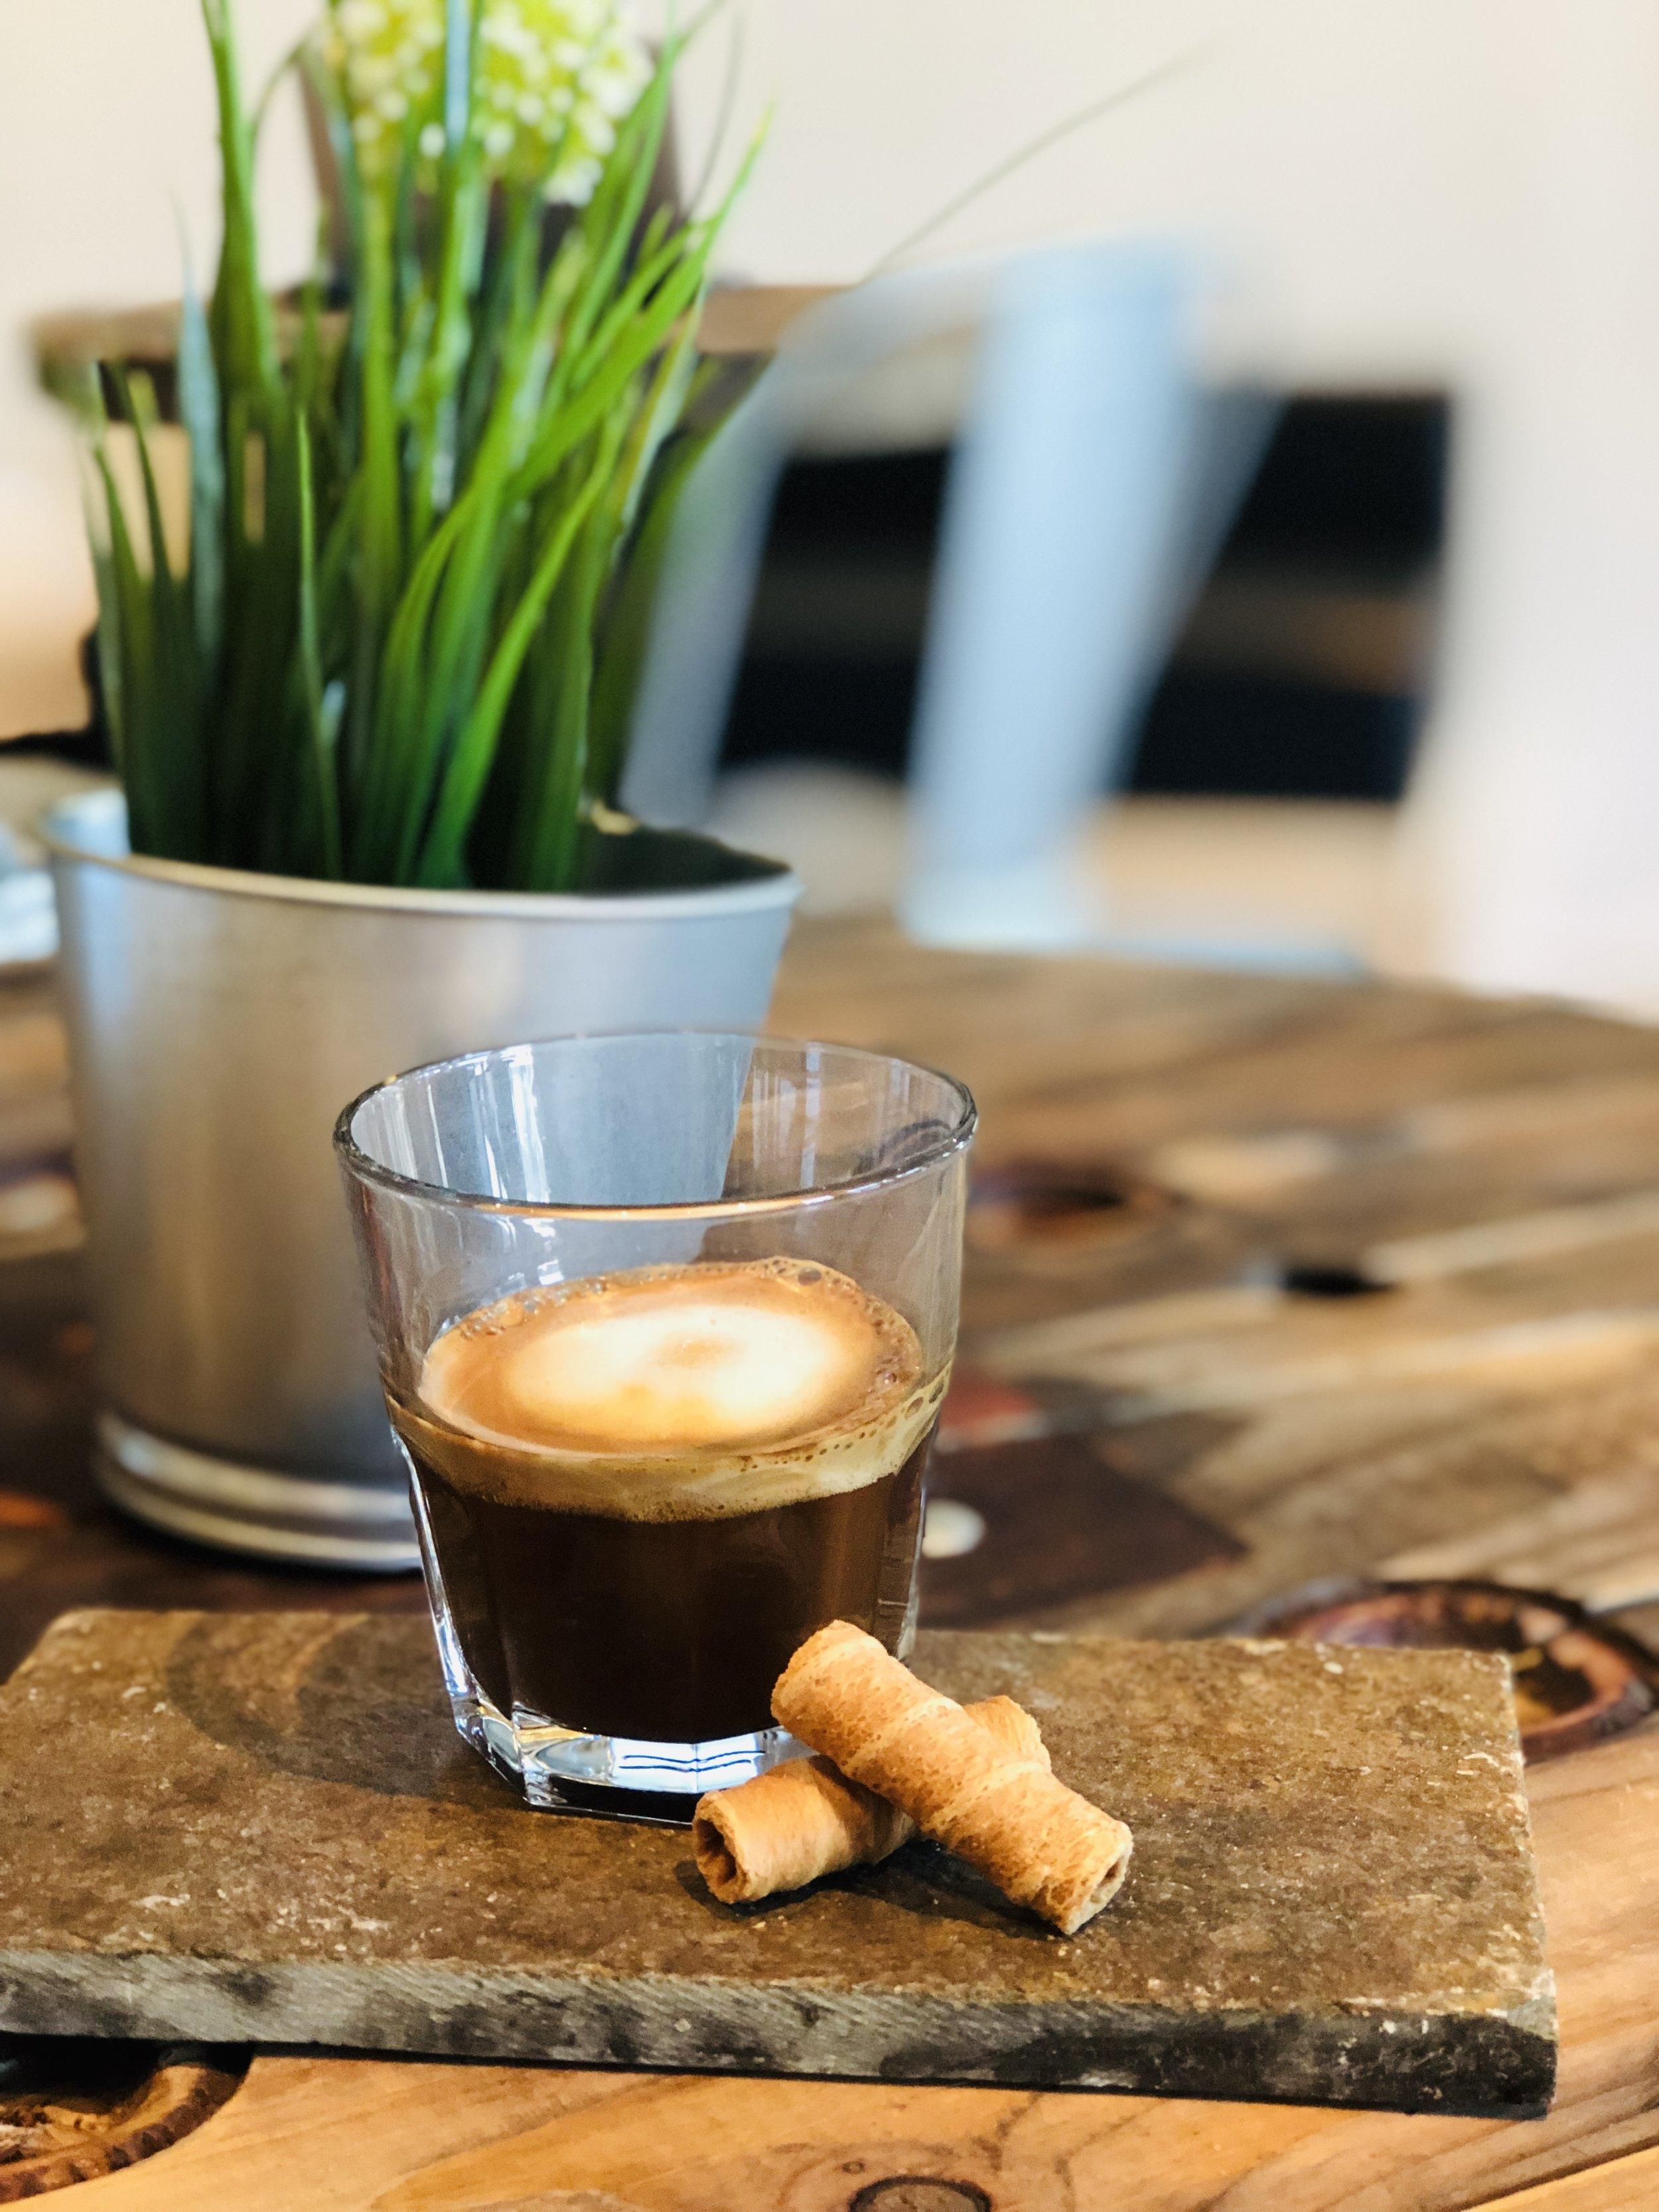 Cafés Bio - Ristretto, Cappucino, Latte, Moccachino, Cortado, …Votre café préféré vous attend.